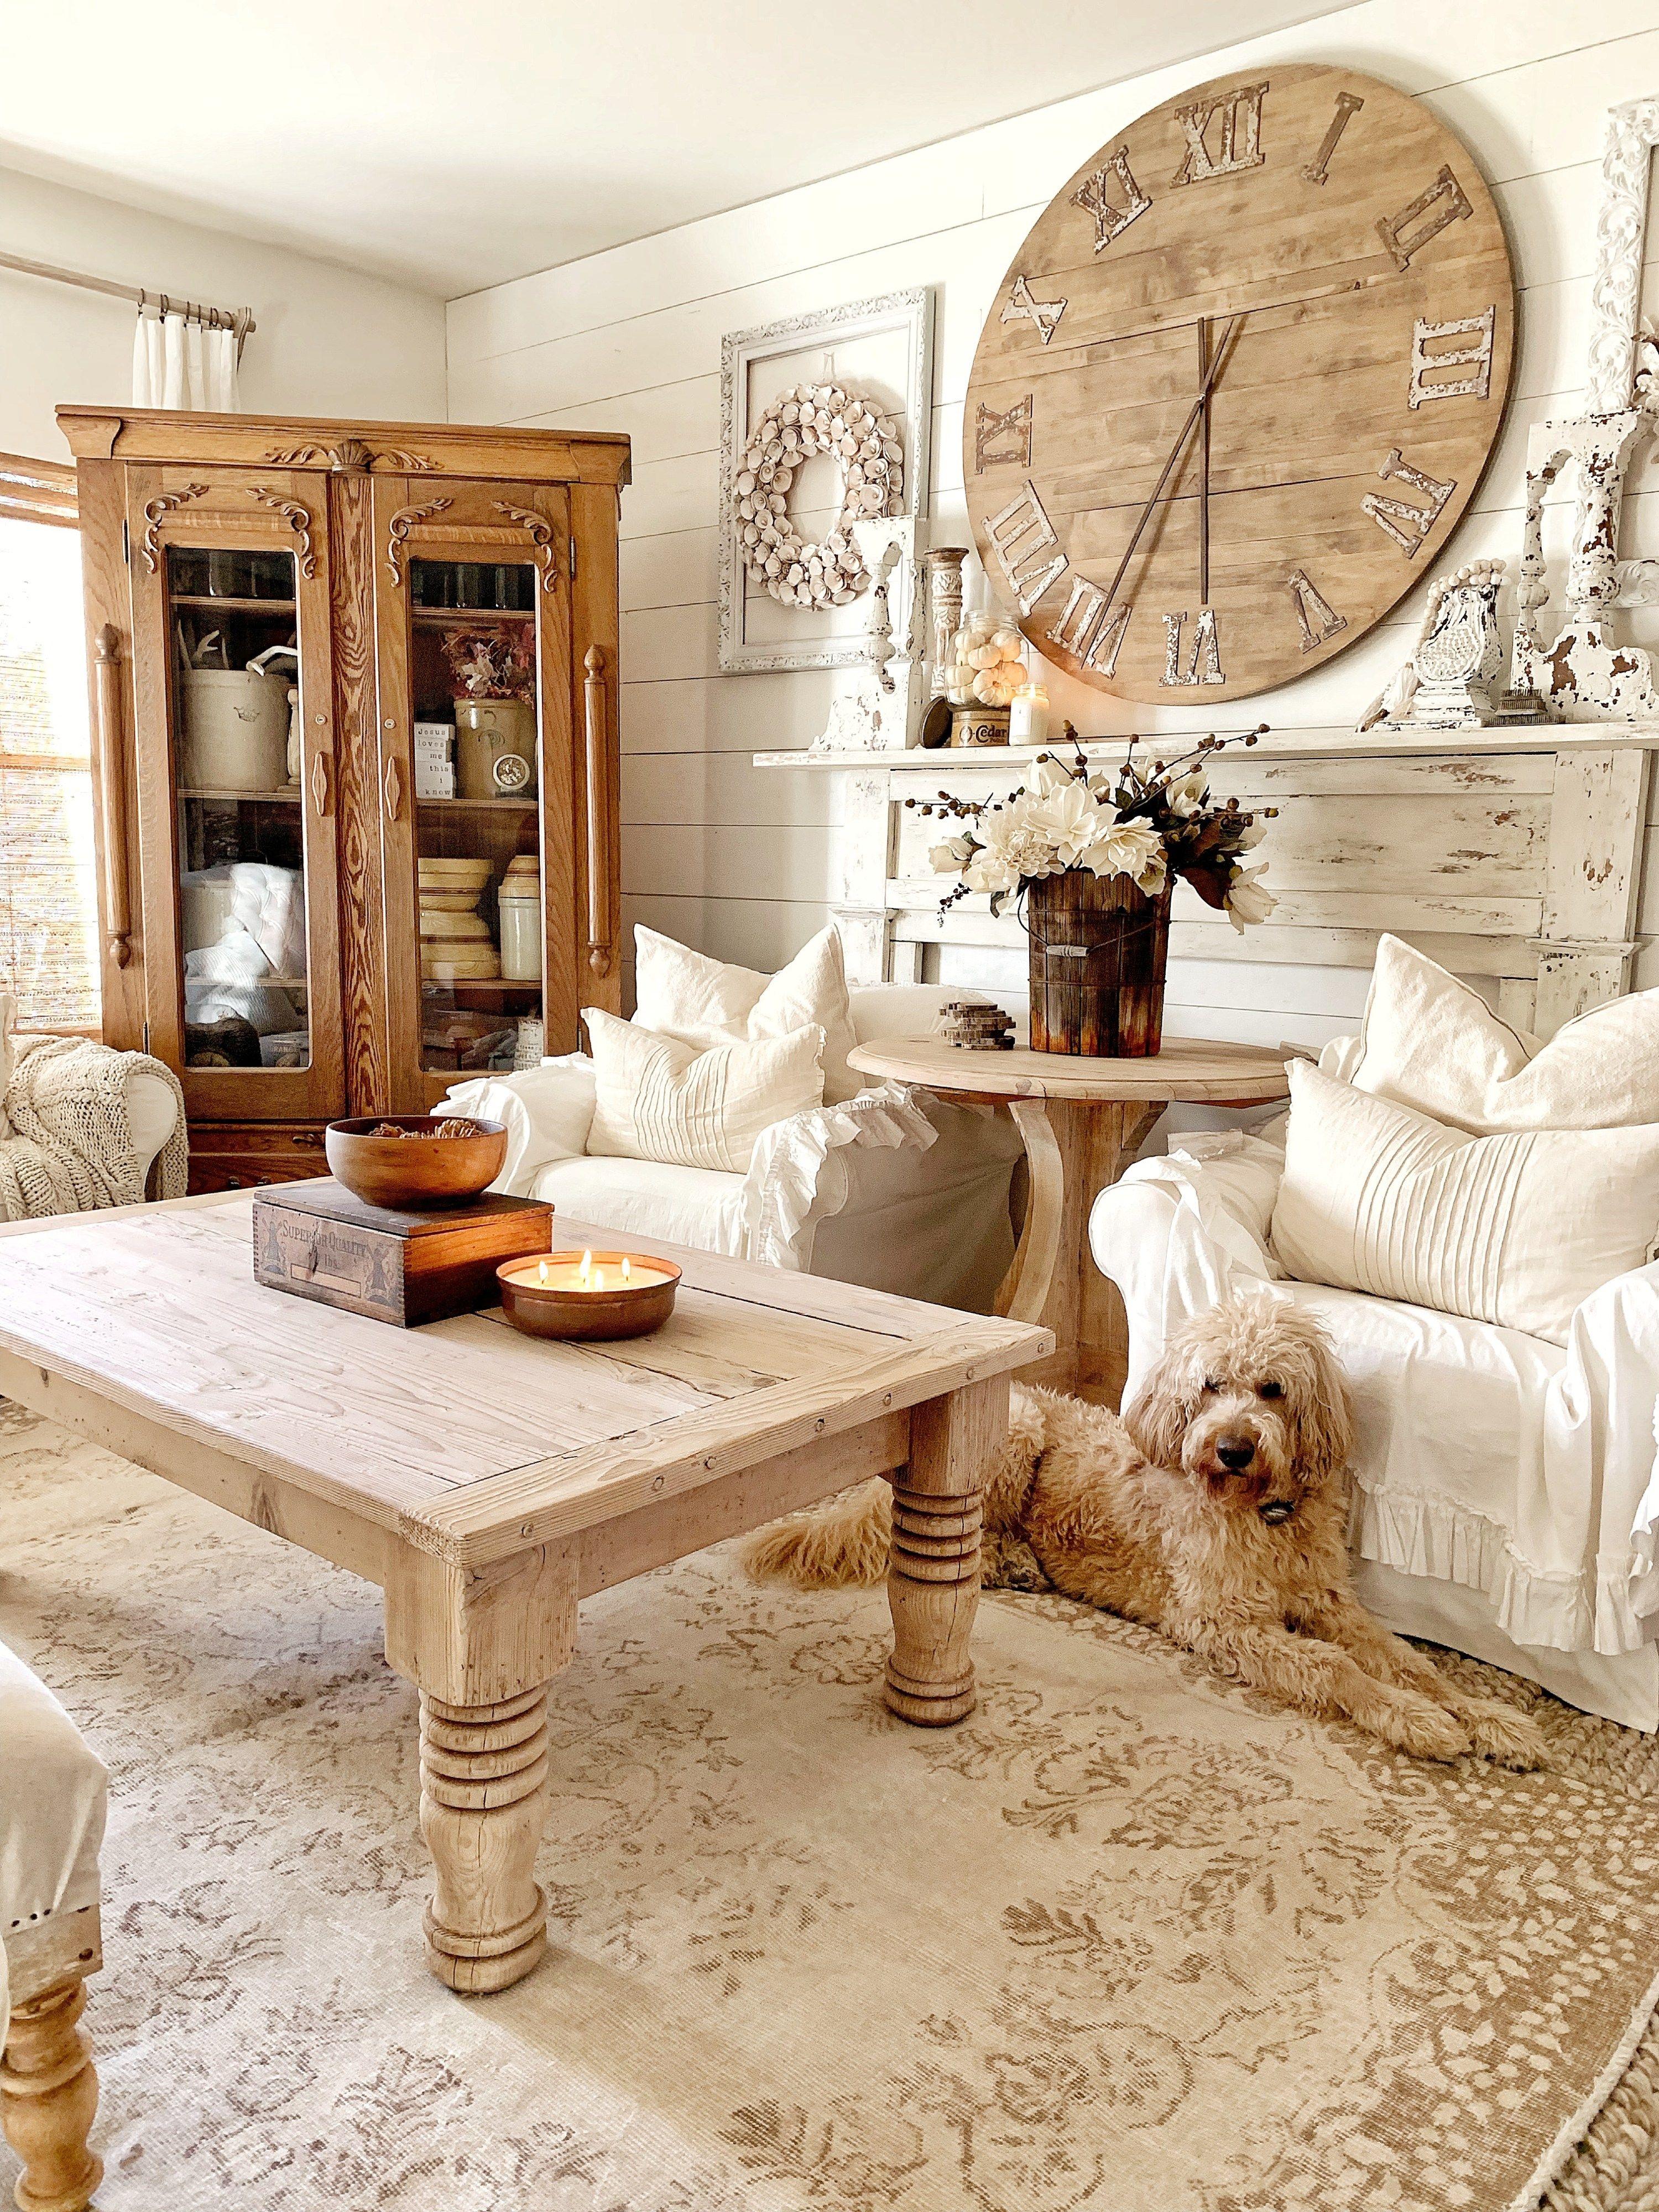 #rugs #vintagerugs #vintage #farmhouse #farmhousetable #farmhousedecor #livingroom #livingroomdecor #vintageporch